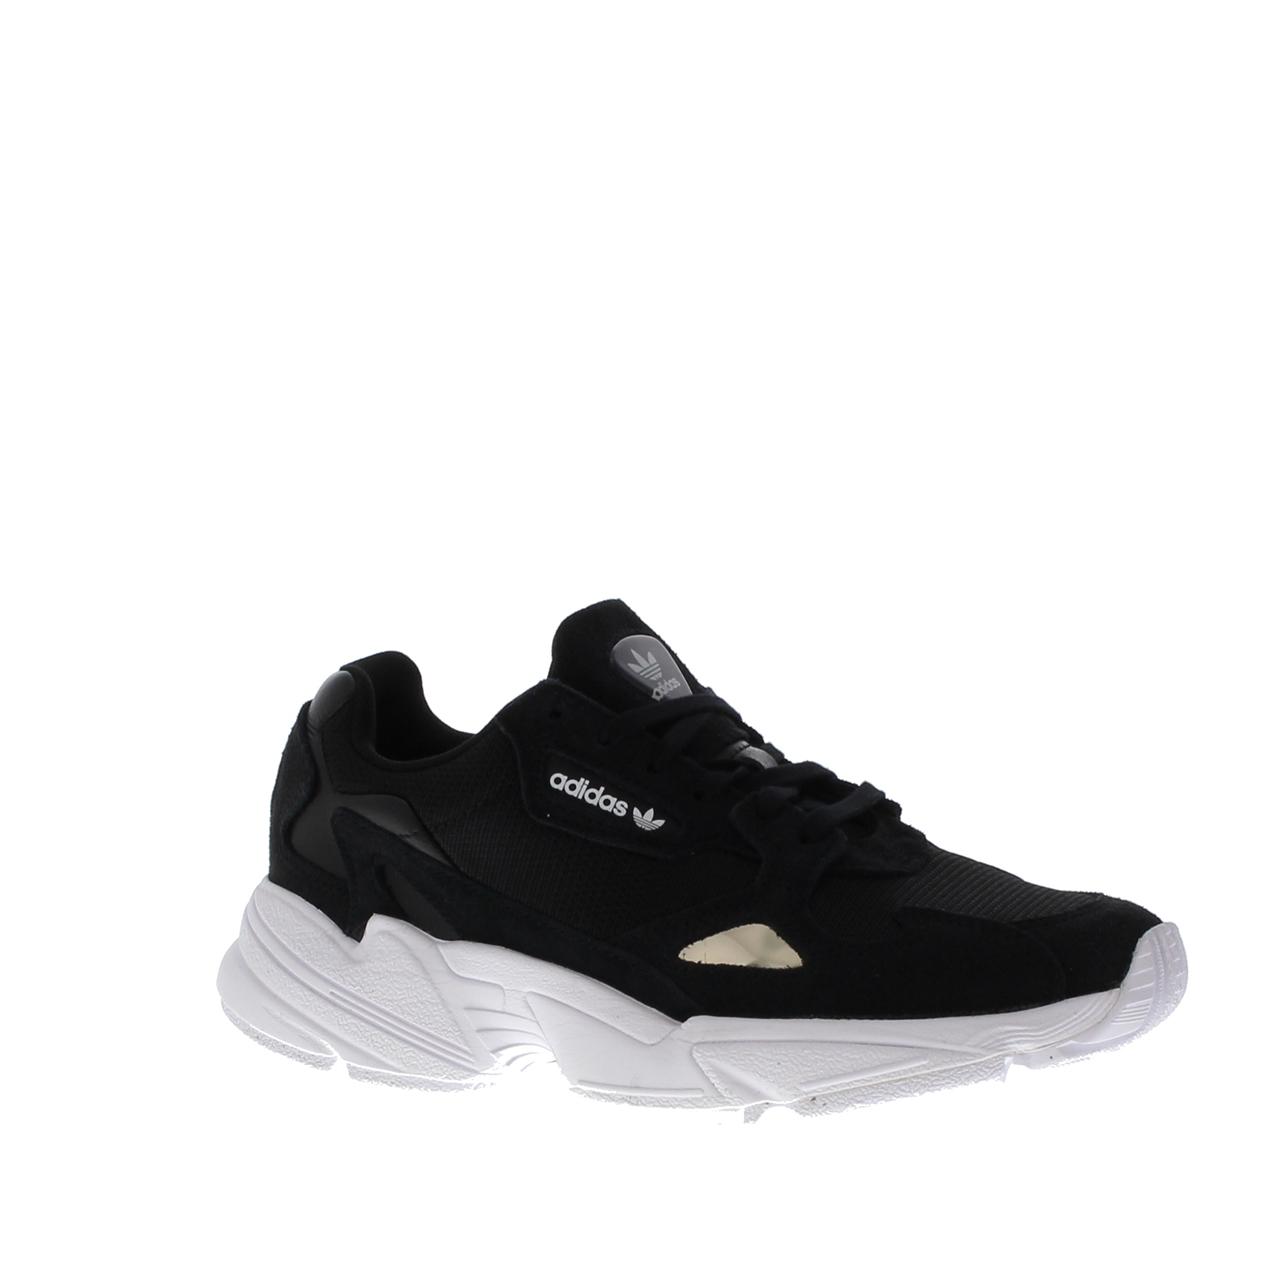 adidas Falcon W Dames Sneaker | Strating Schoenen